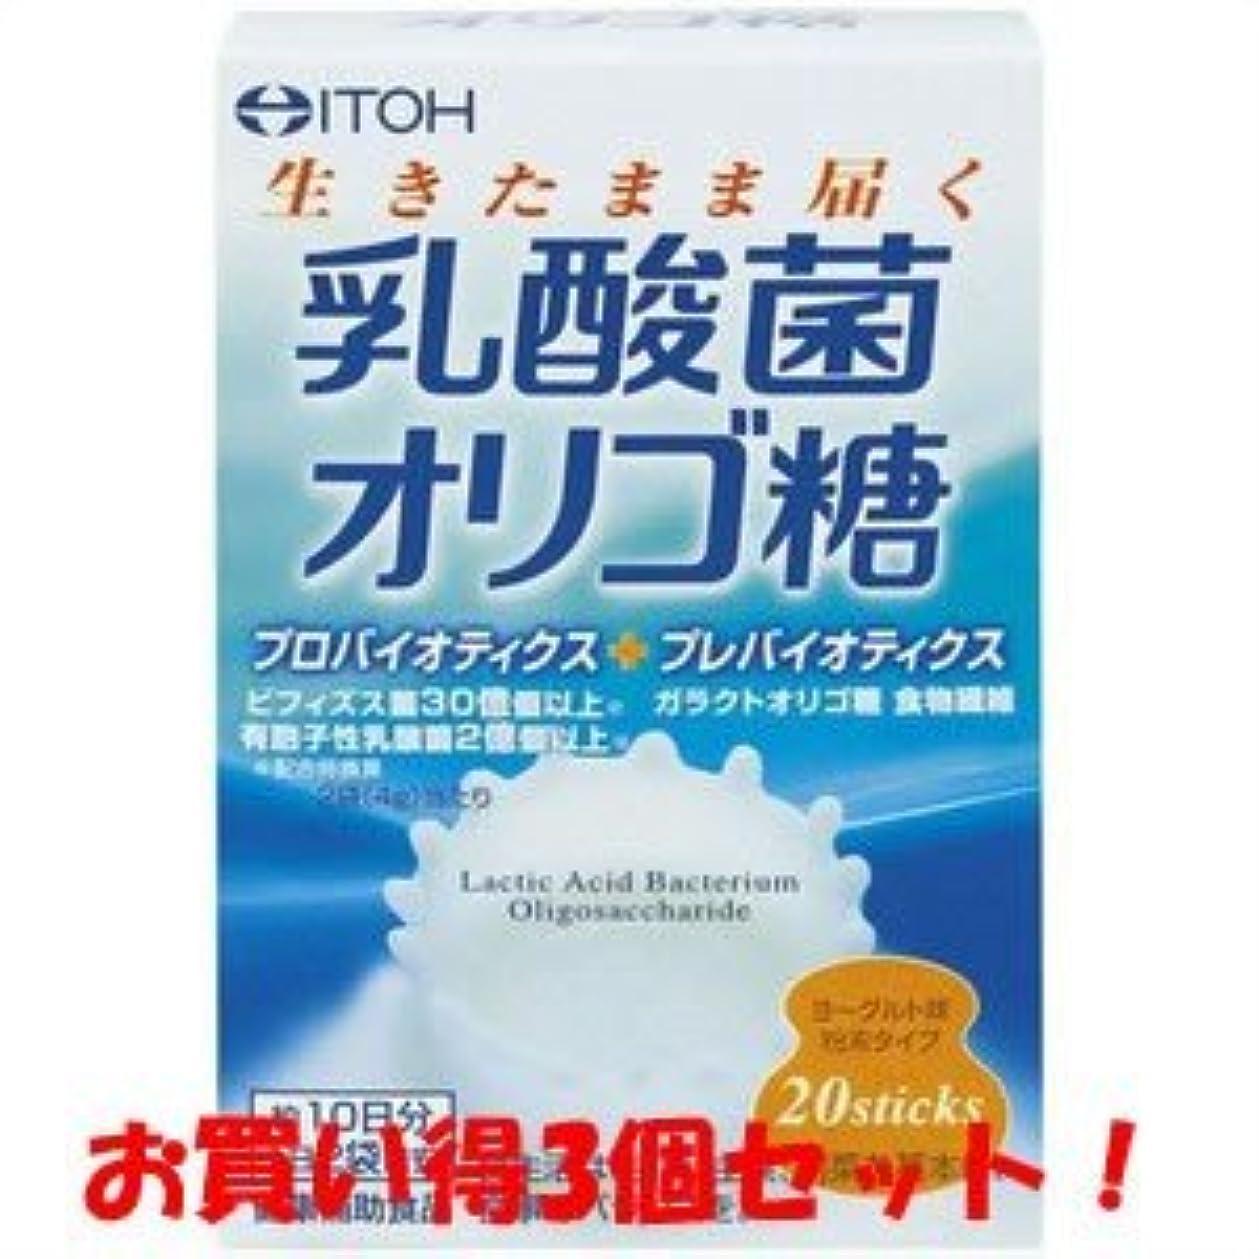 主婦散髪したがって【井藤漢方製薬】乳酸菌オリゴ糖 40g(2g×20スティック)(お買い得3個セット)